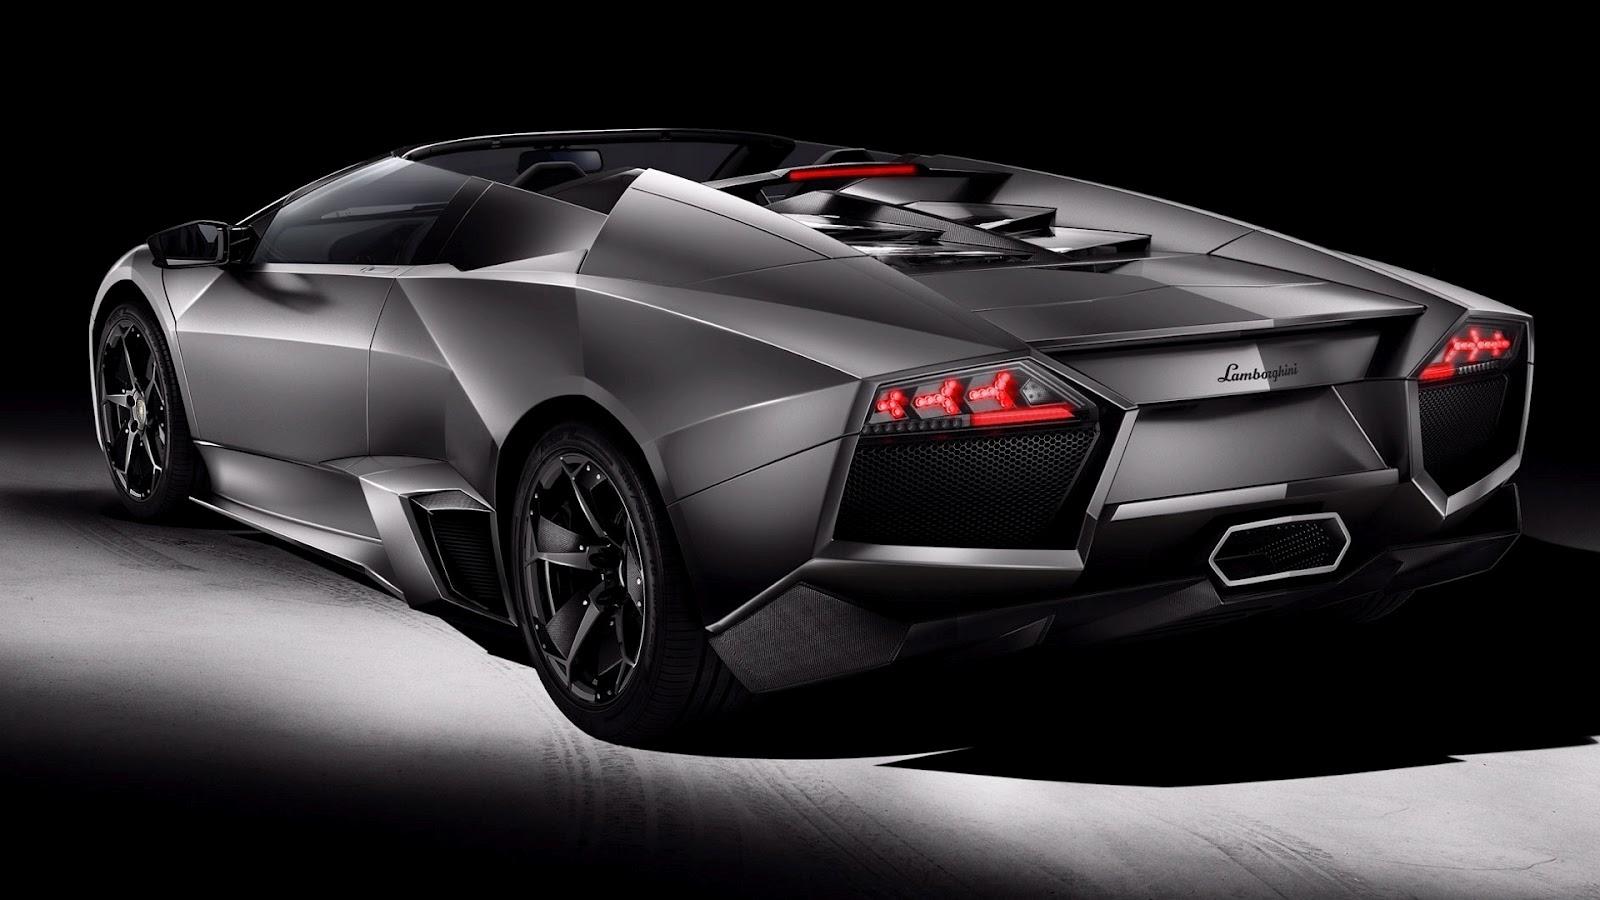 Black Lamborghini Car Wallpapers HD